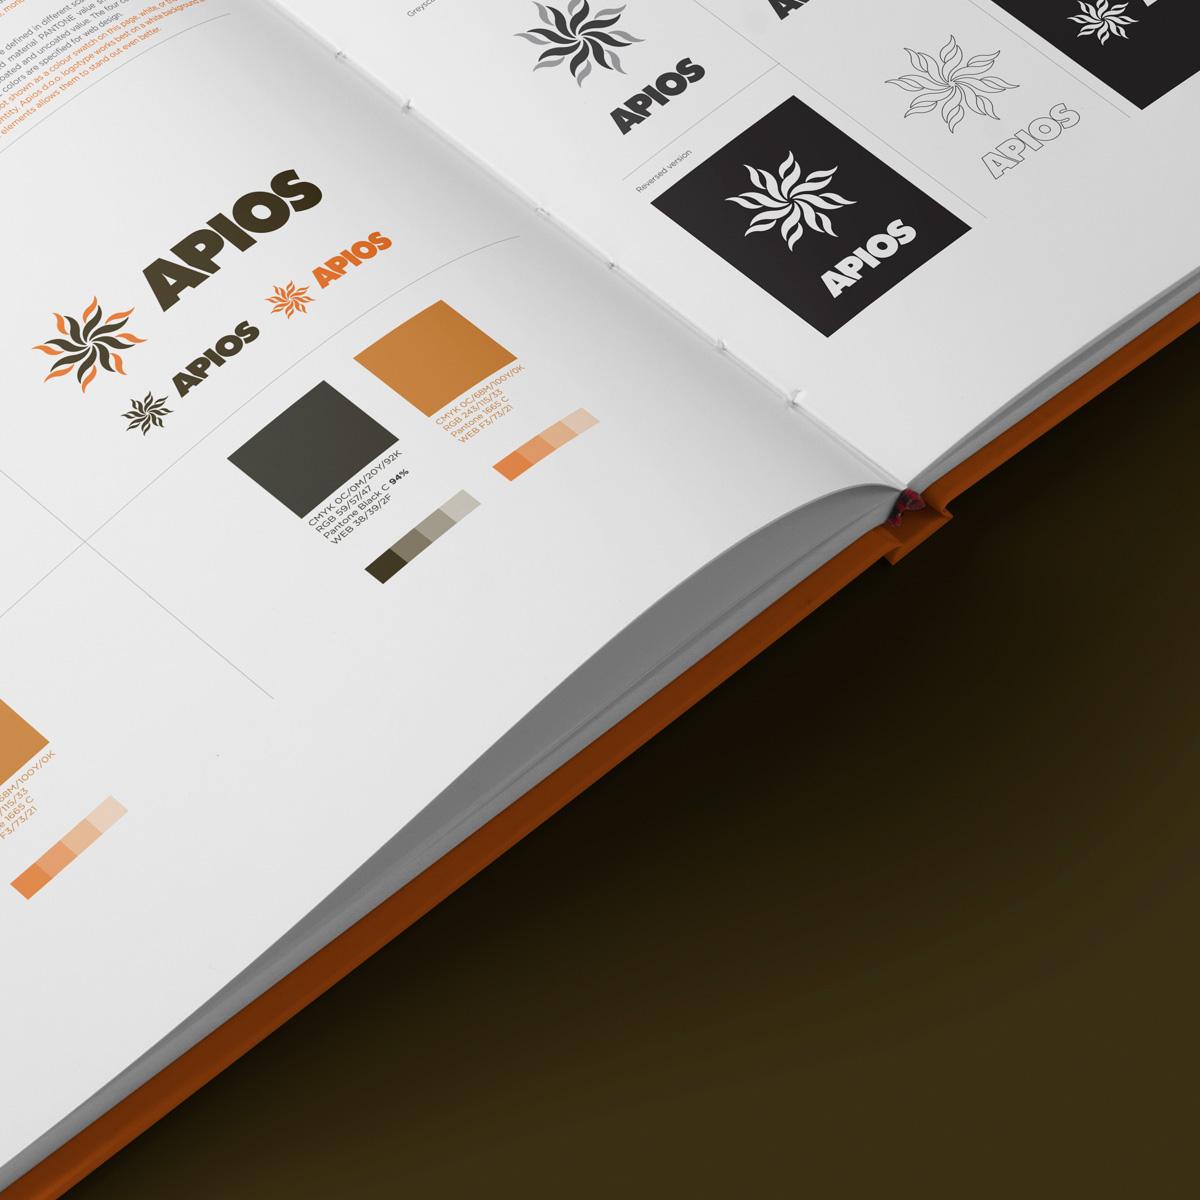 apios-brand-book1